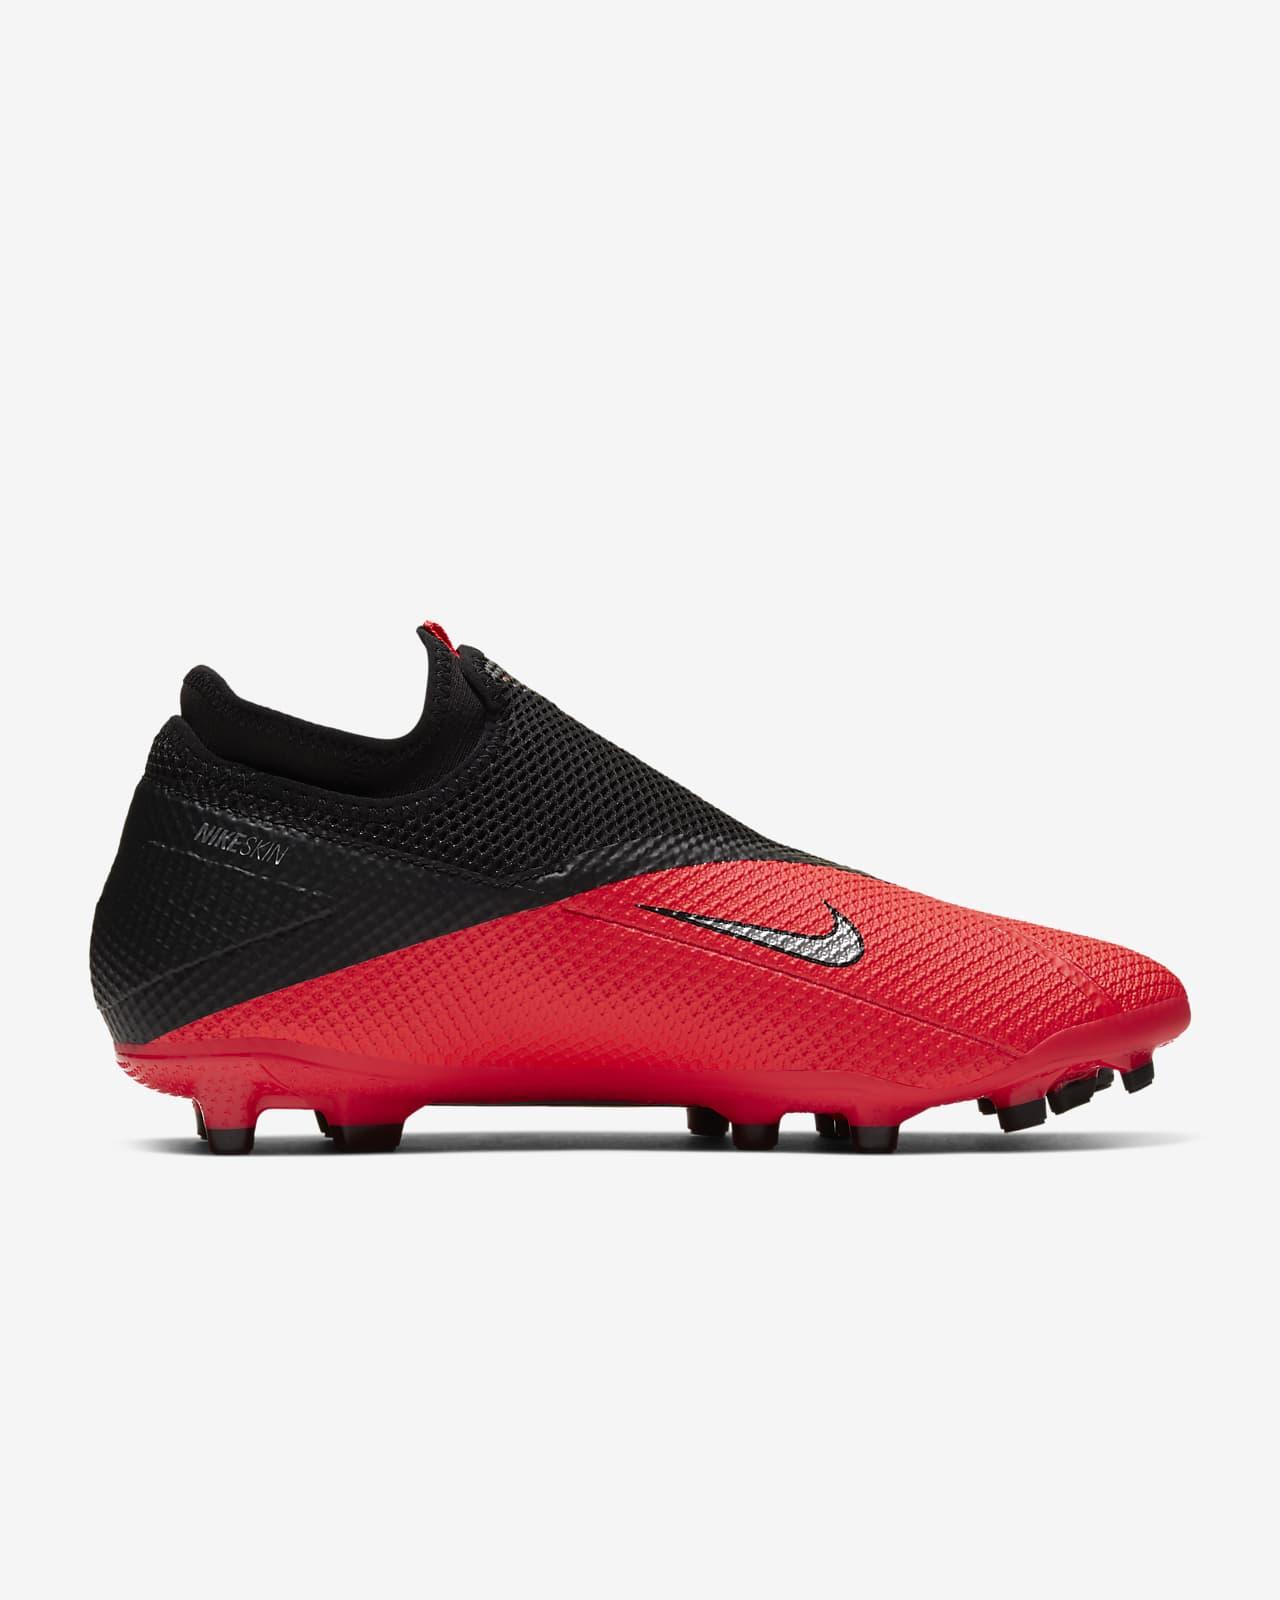 Viajero Obediente Por encima de la cabeza y el hombro  Nike Phantom Vision 2 Academy Dynamic Fit MG Multi-Ground Football Boot. Nike  ID